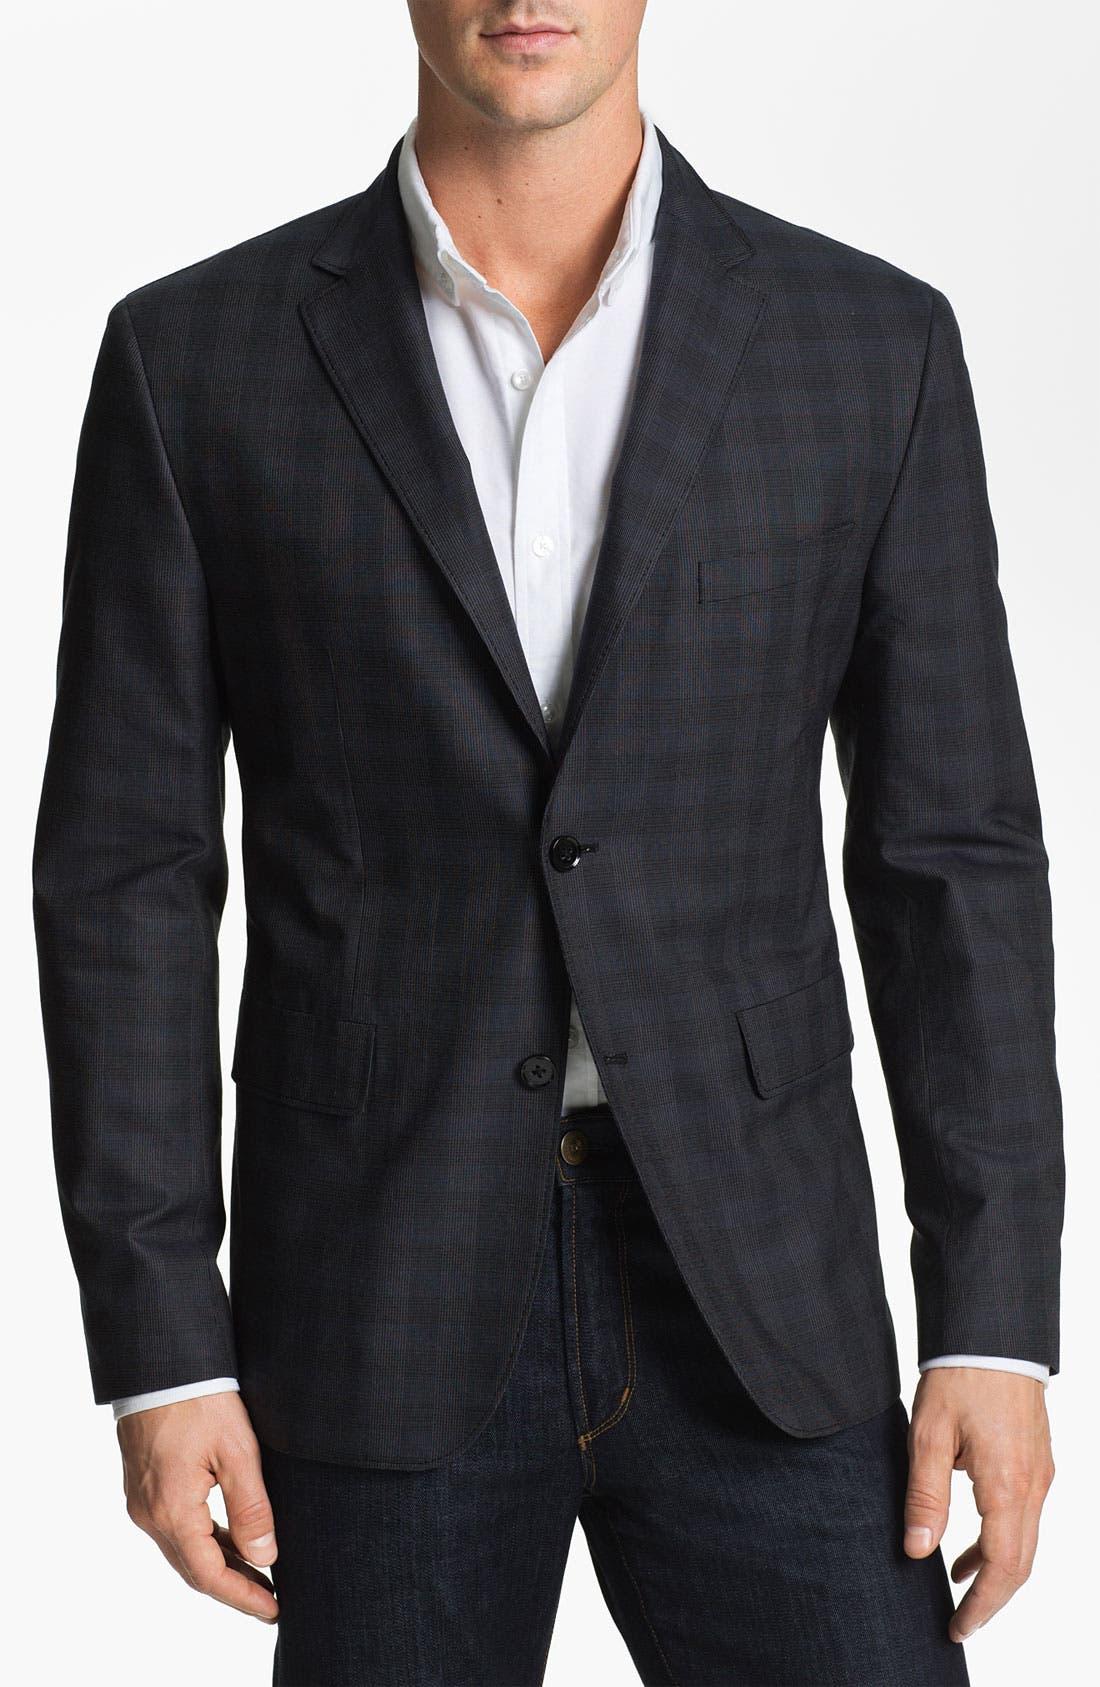 Alternate Image 1 Selected - BOSS Black 'Coastus' Regular Fit Sportcoat